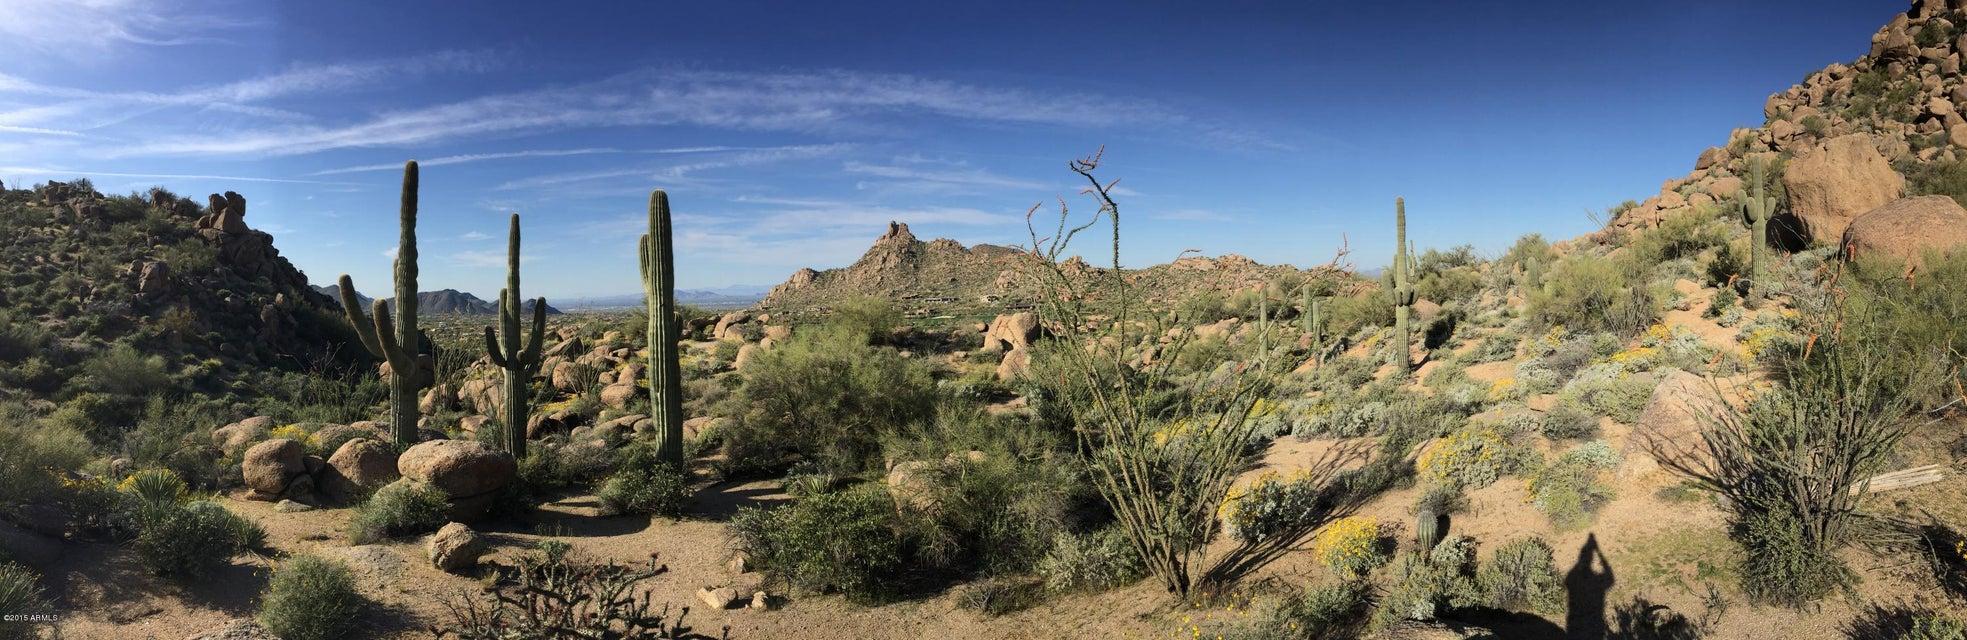 27632 N 105TH Place Scottsdale, AZ 85262 - MLS #: 5254803